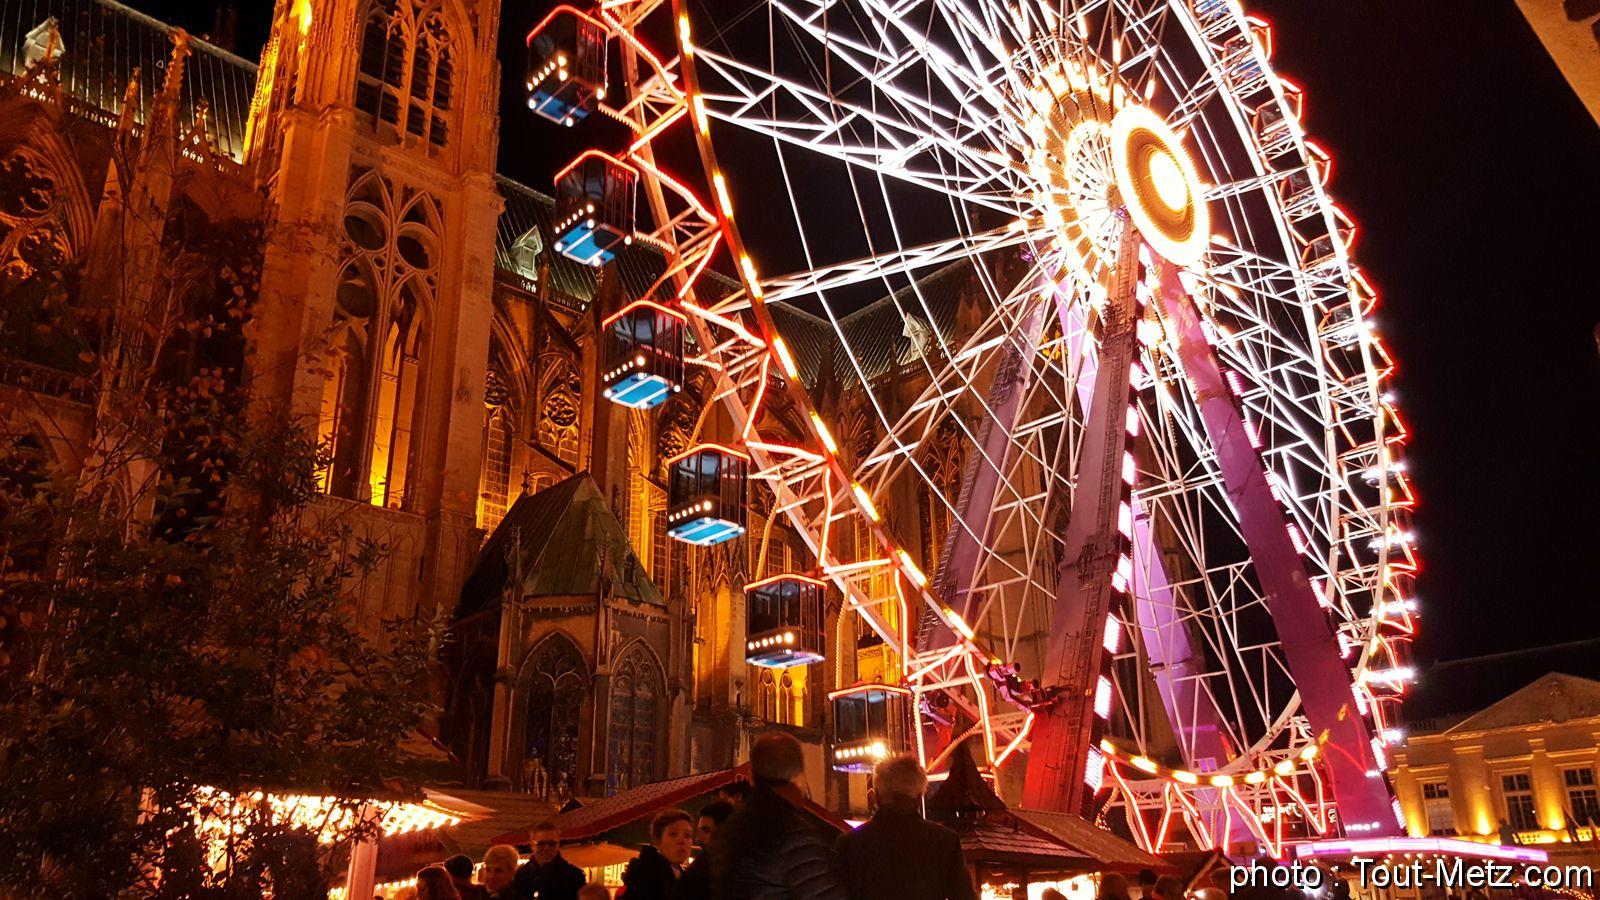 Photo de Plus beaux marchés de Noël d'Europe : Metz dans le top 10